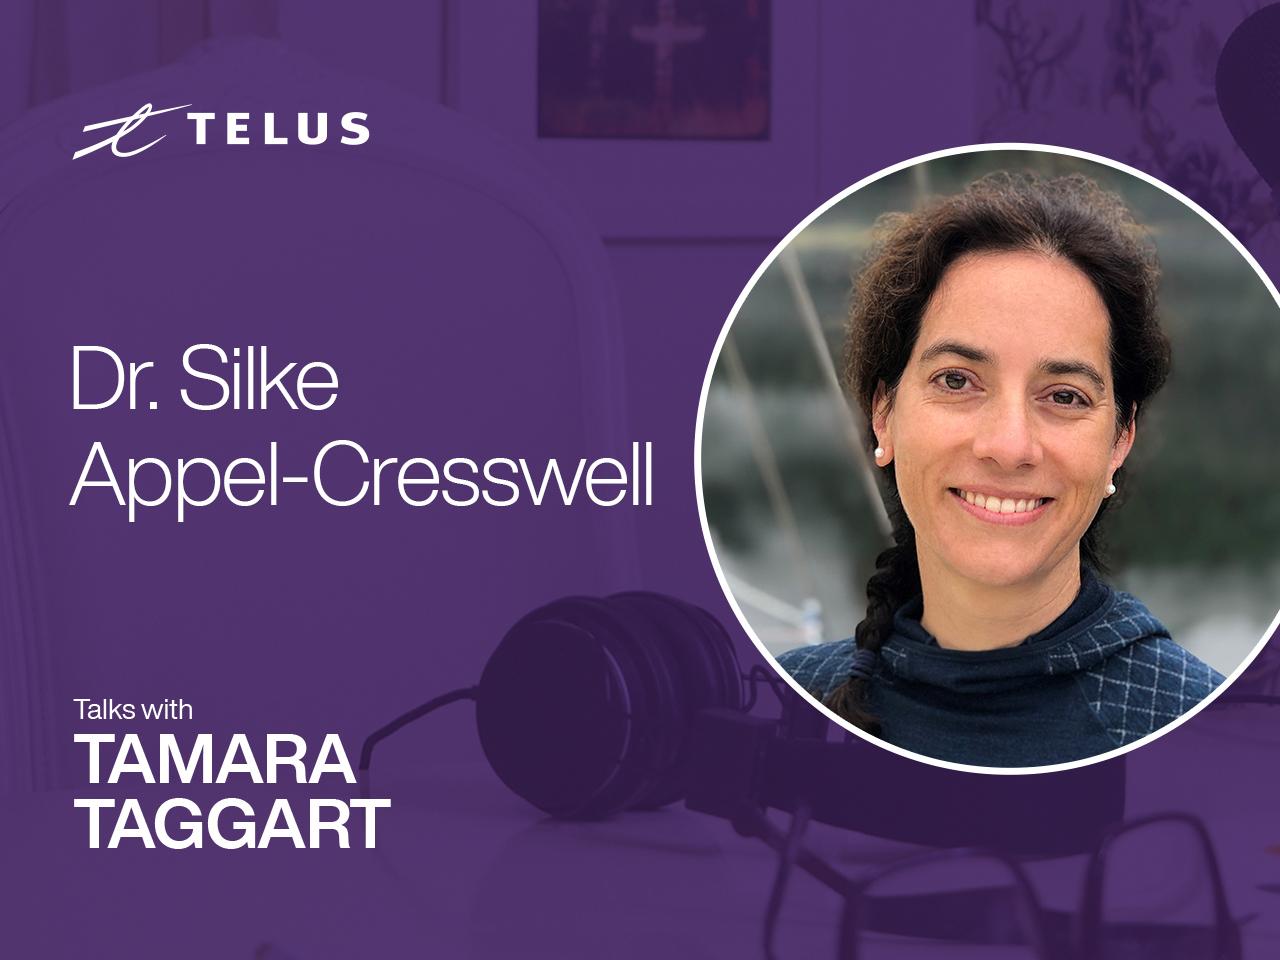 Dr. Silke Appel-Cresswell